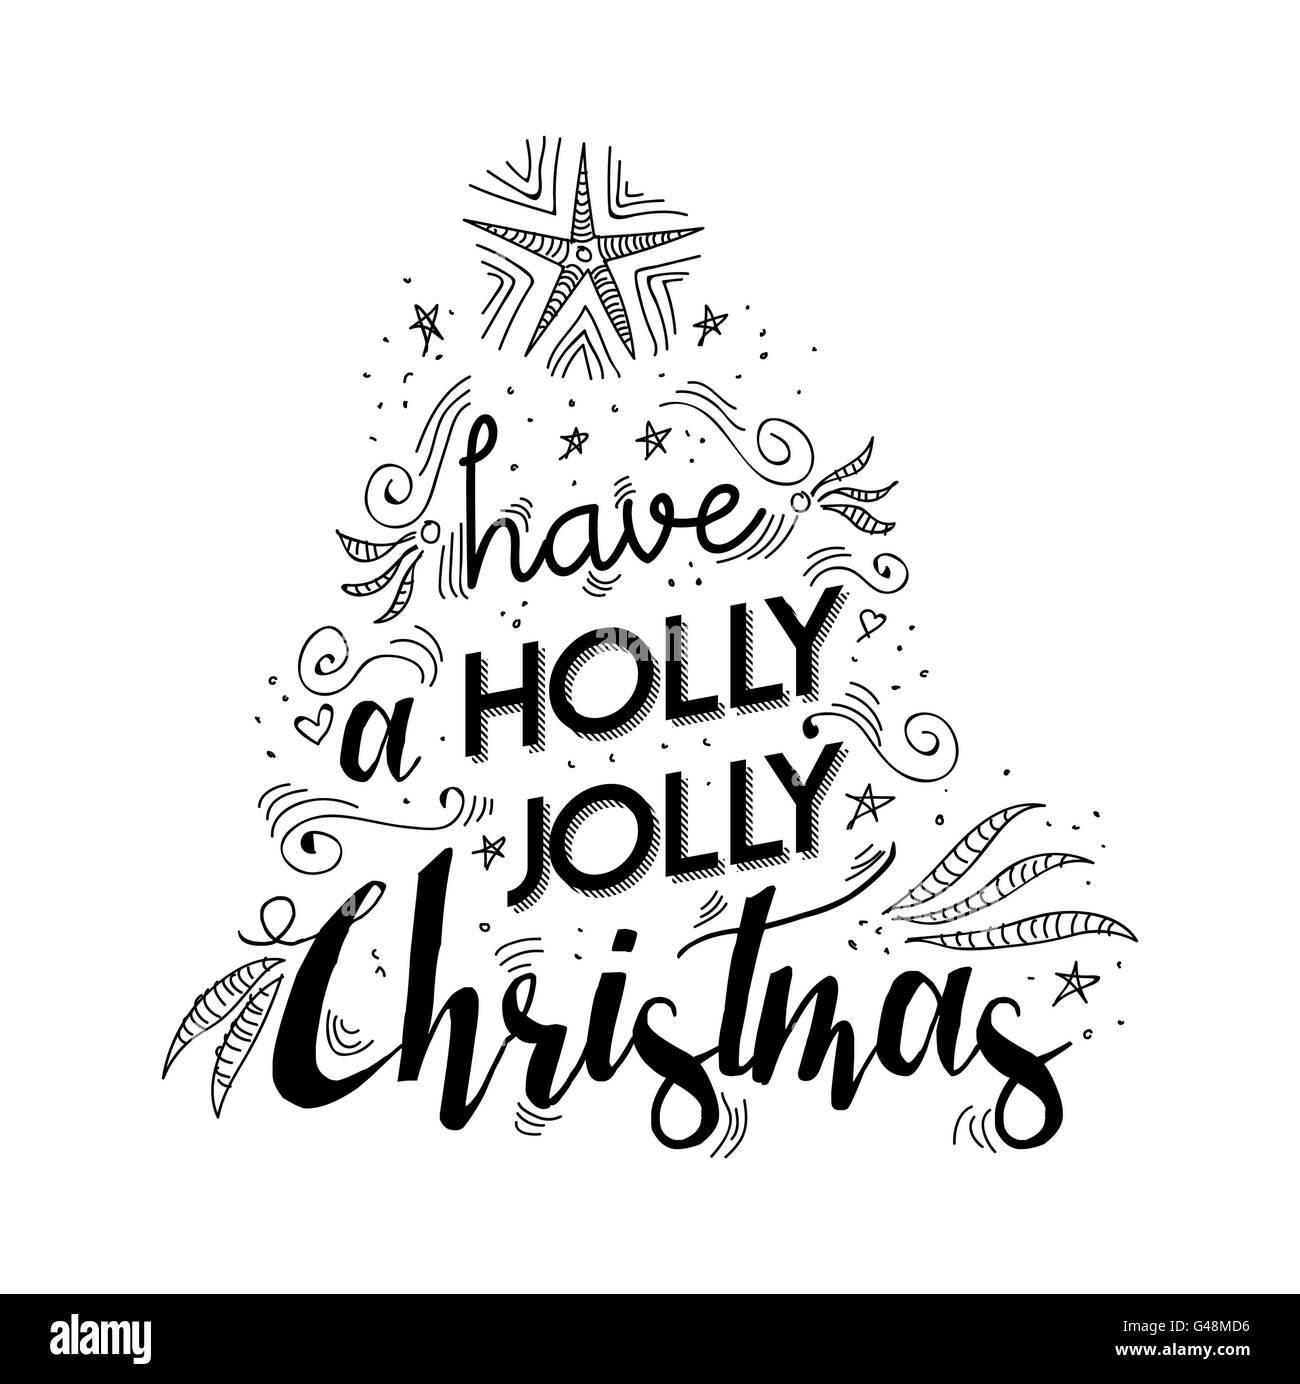 Frohe Weihnachten Schriftzug handschriftlichen Entwurf. Holly jolly ...